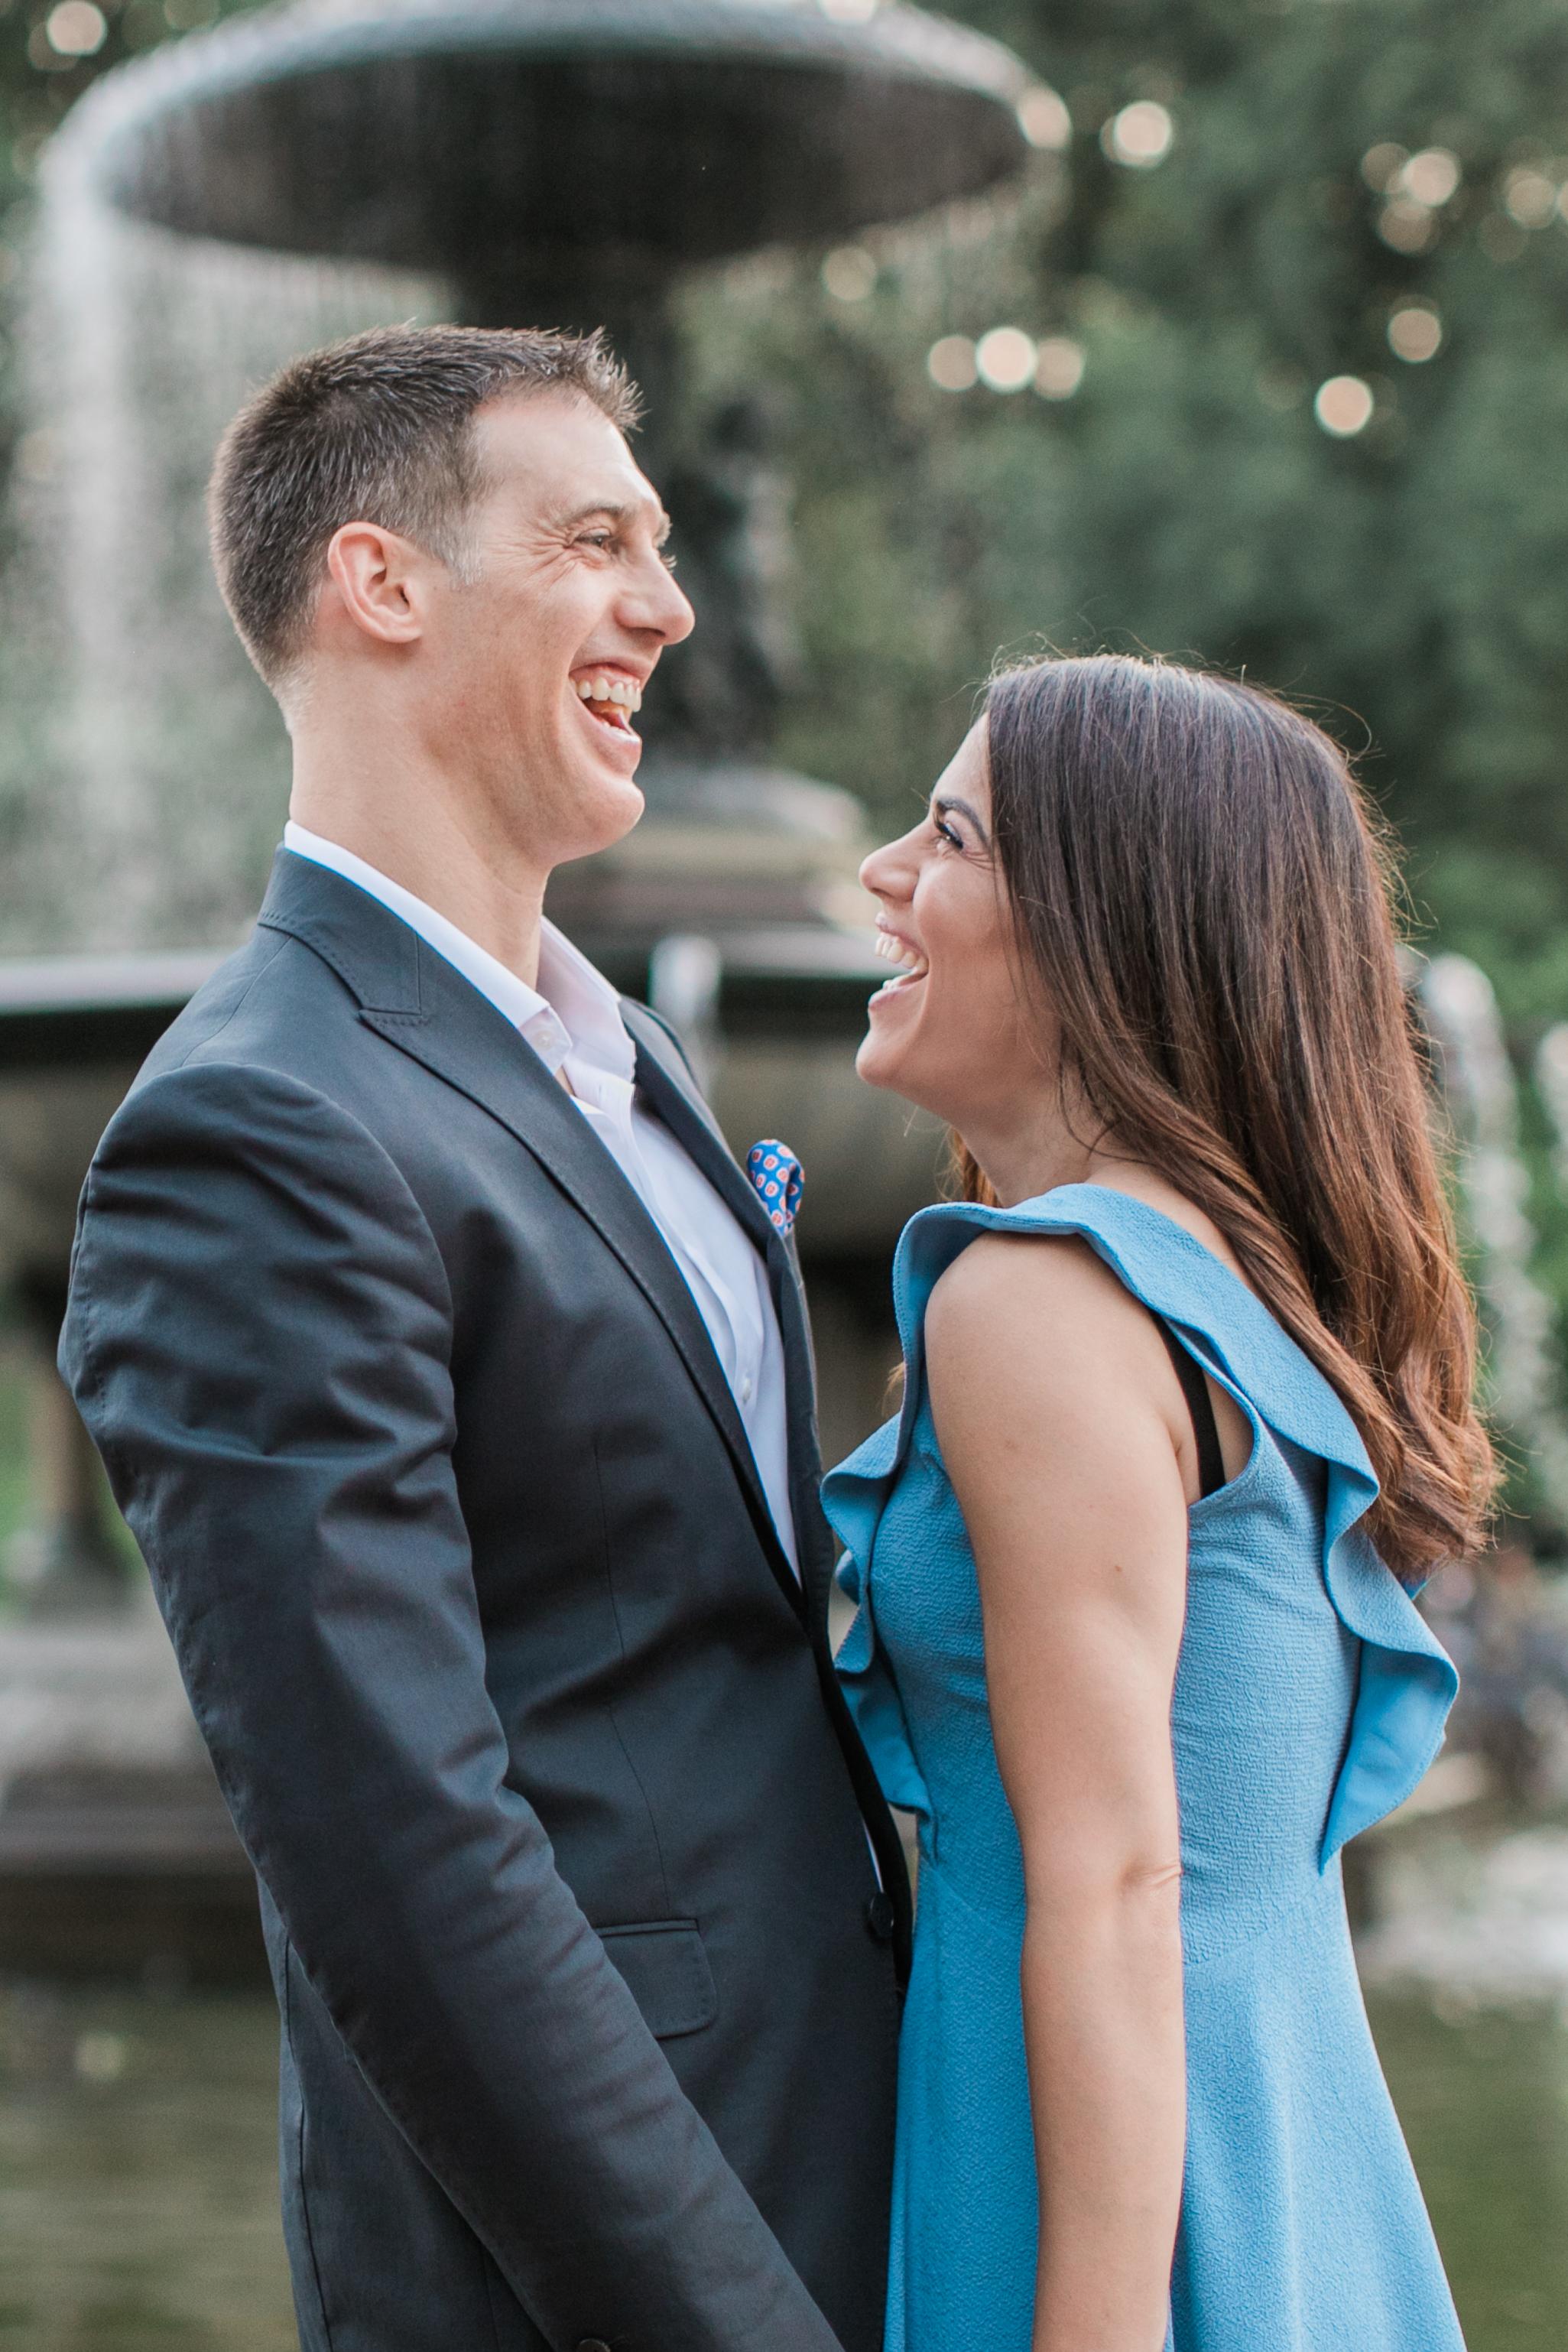 upper-east-side-wedding-photographer24.jpg